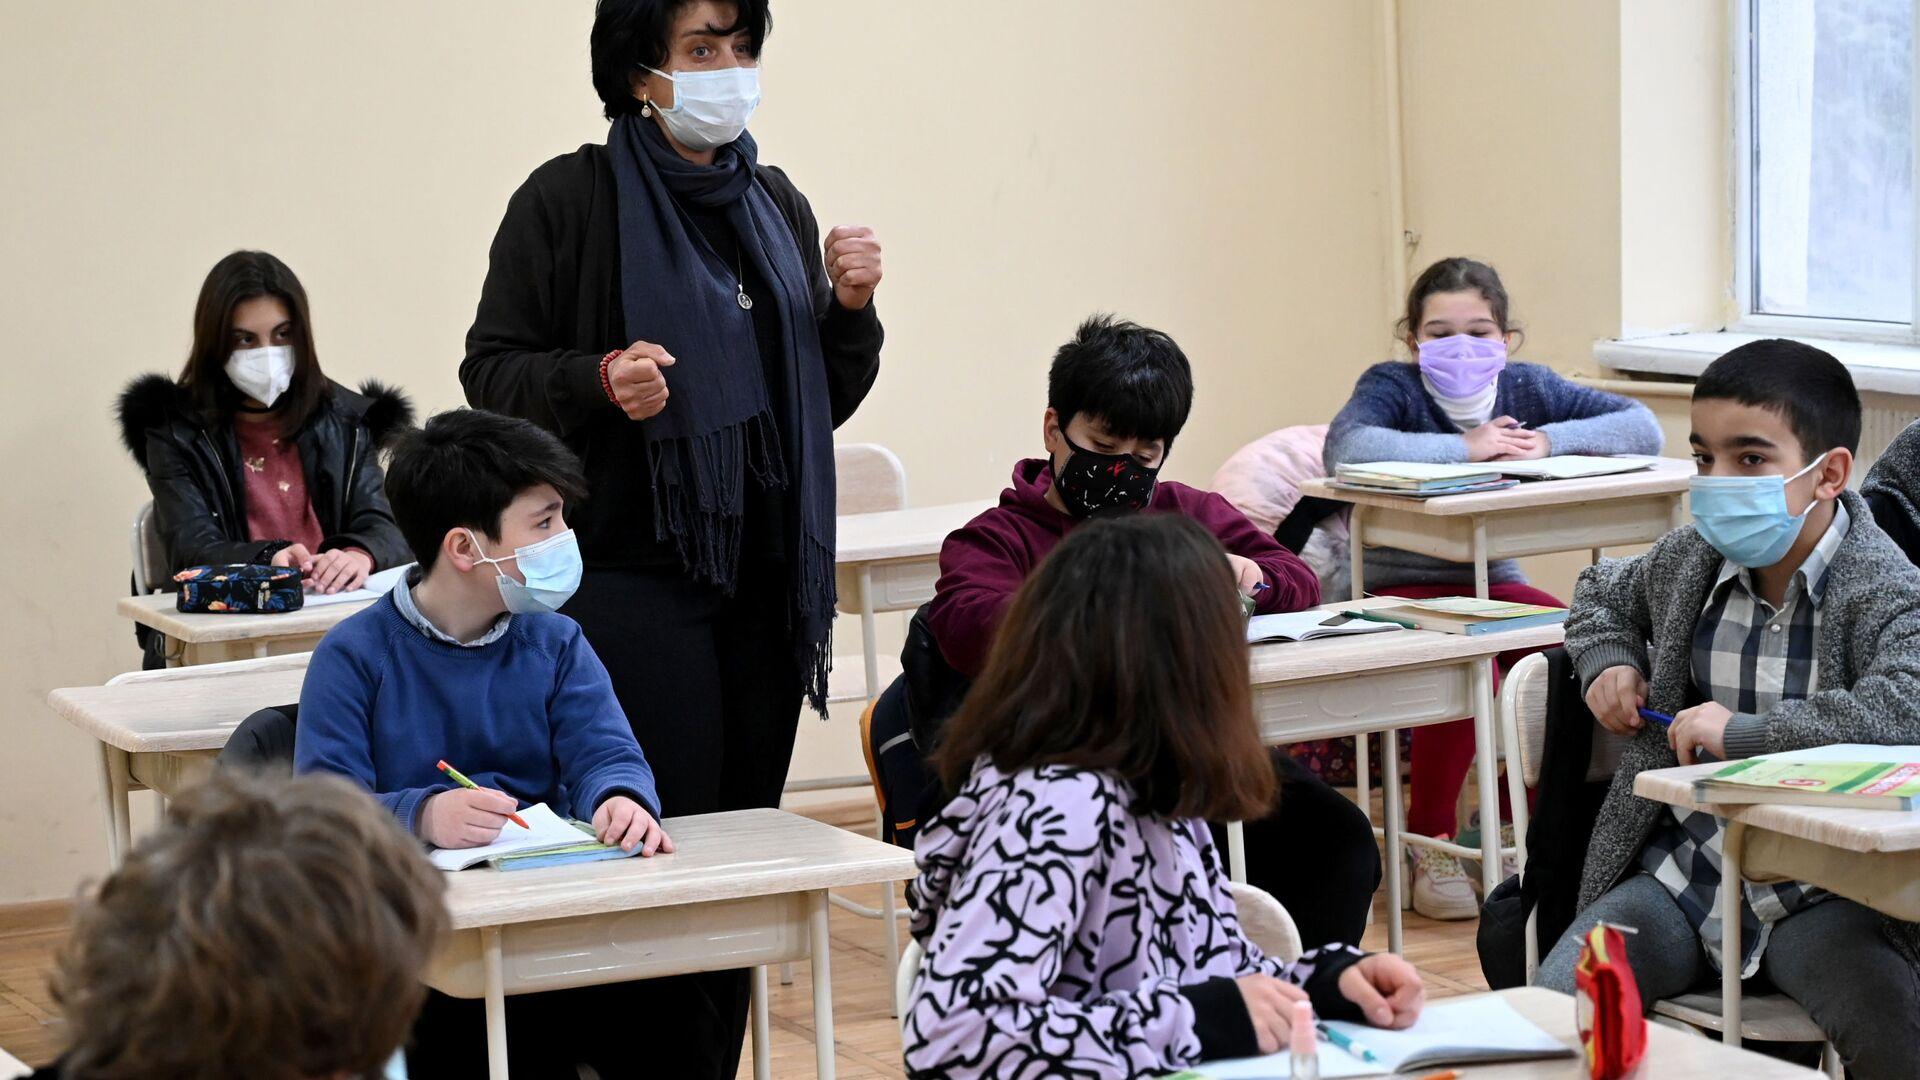 Учеба в школе во время эпидемии коронавируса - дети и педагоги в масках - Sputnik Грузия, 1920, 03.05.2021